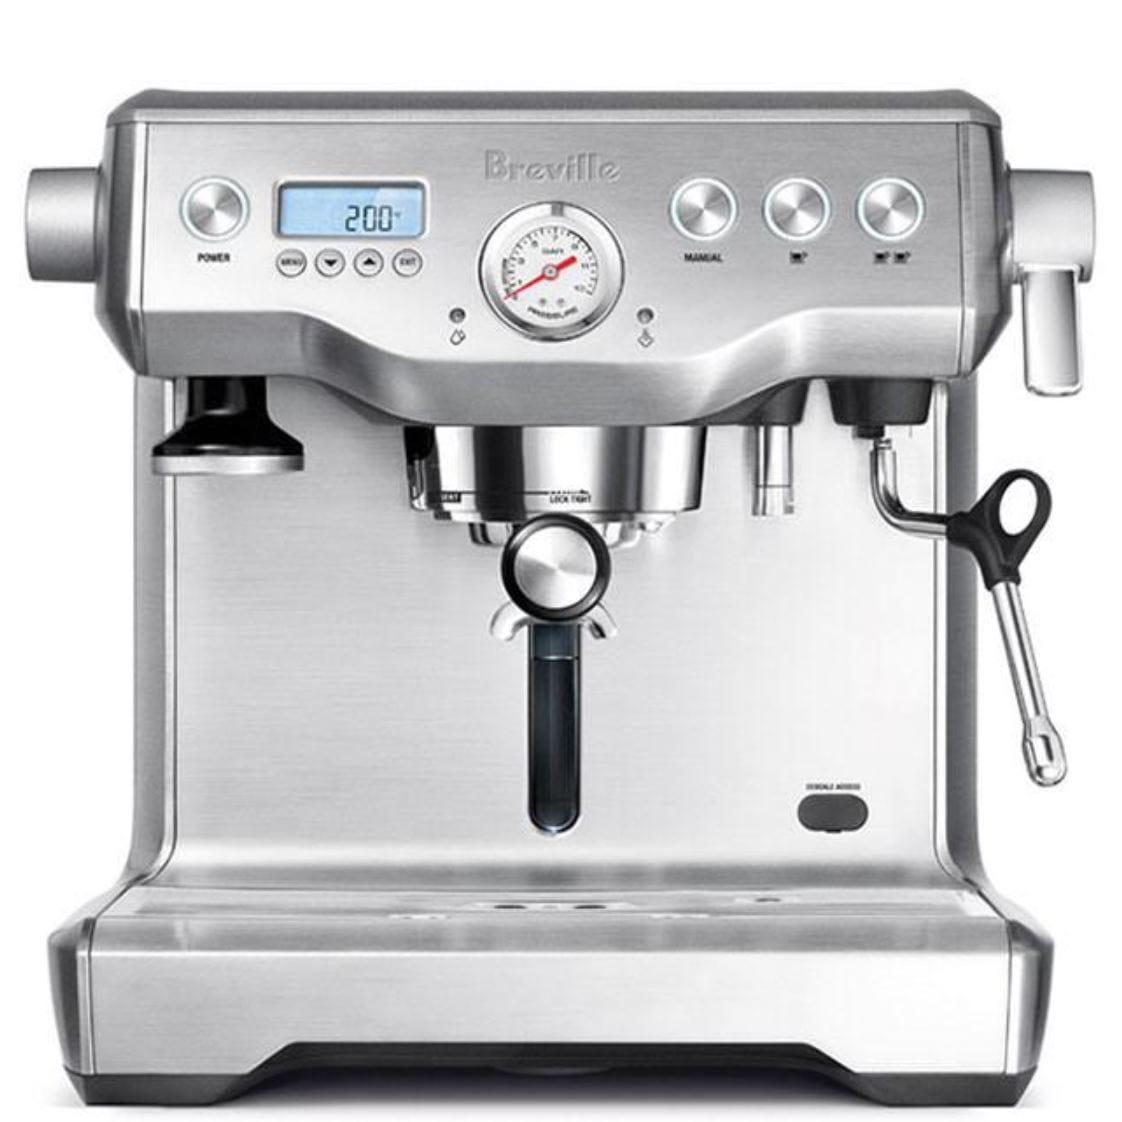 エスプレッソマシン 業務レベル メーカー ブレビル コーヒーメーカー カプチーノ ラテ 本格 ダブルボイラー Breville BES920XL Dual Boiler Espresso Machine 家電